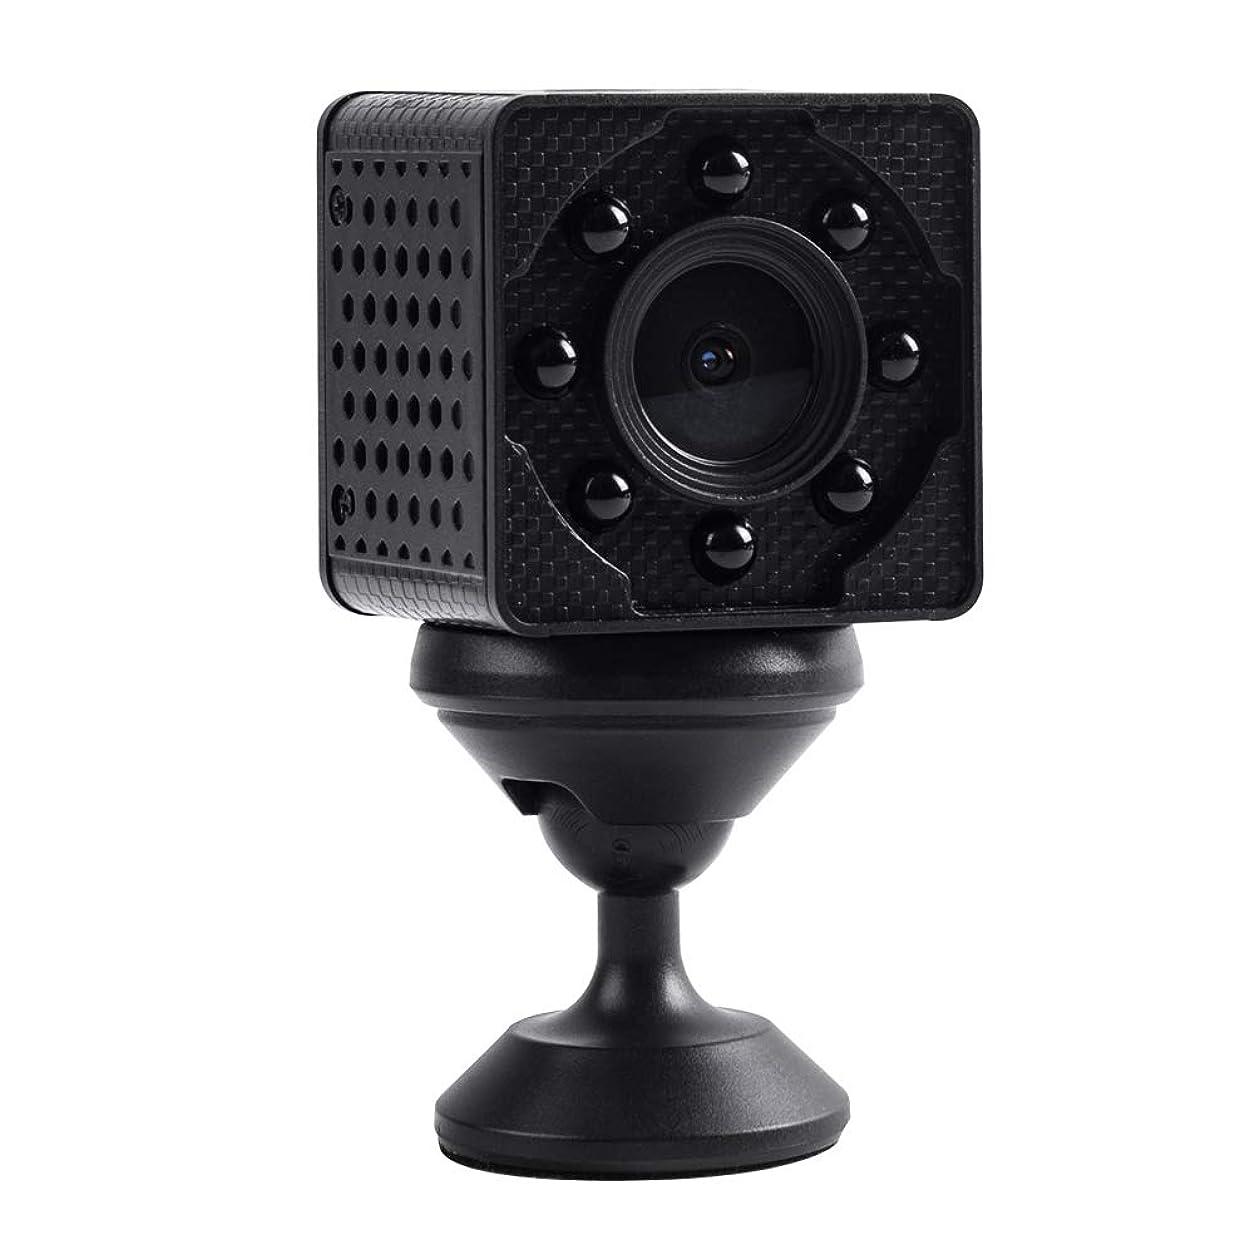 クレーター元気所持防犯カメラ リモート監視 監視カメラ ポータブル4K / 2K / 1080P / 720P 暗視カメラ ビデオカメラ 写真録画録音 動体検知 長時間録画 隠しカメラ 超高画質 遠隔監視 Android/iOSに対応 SDカード別売り